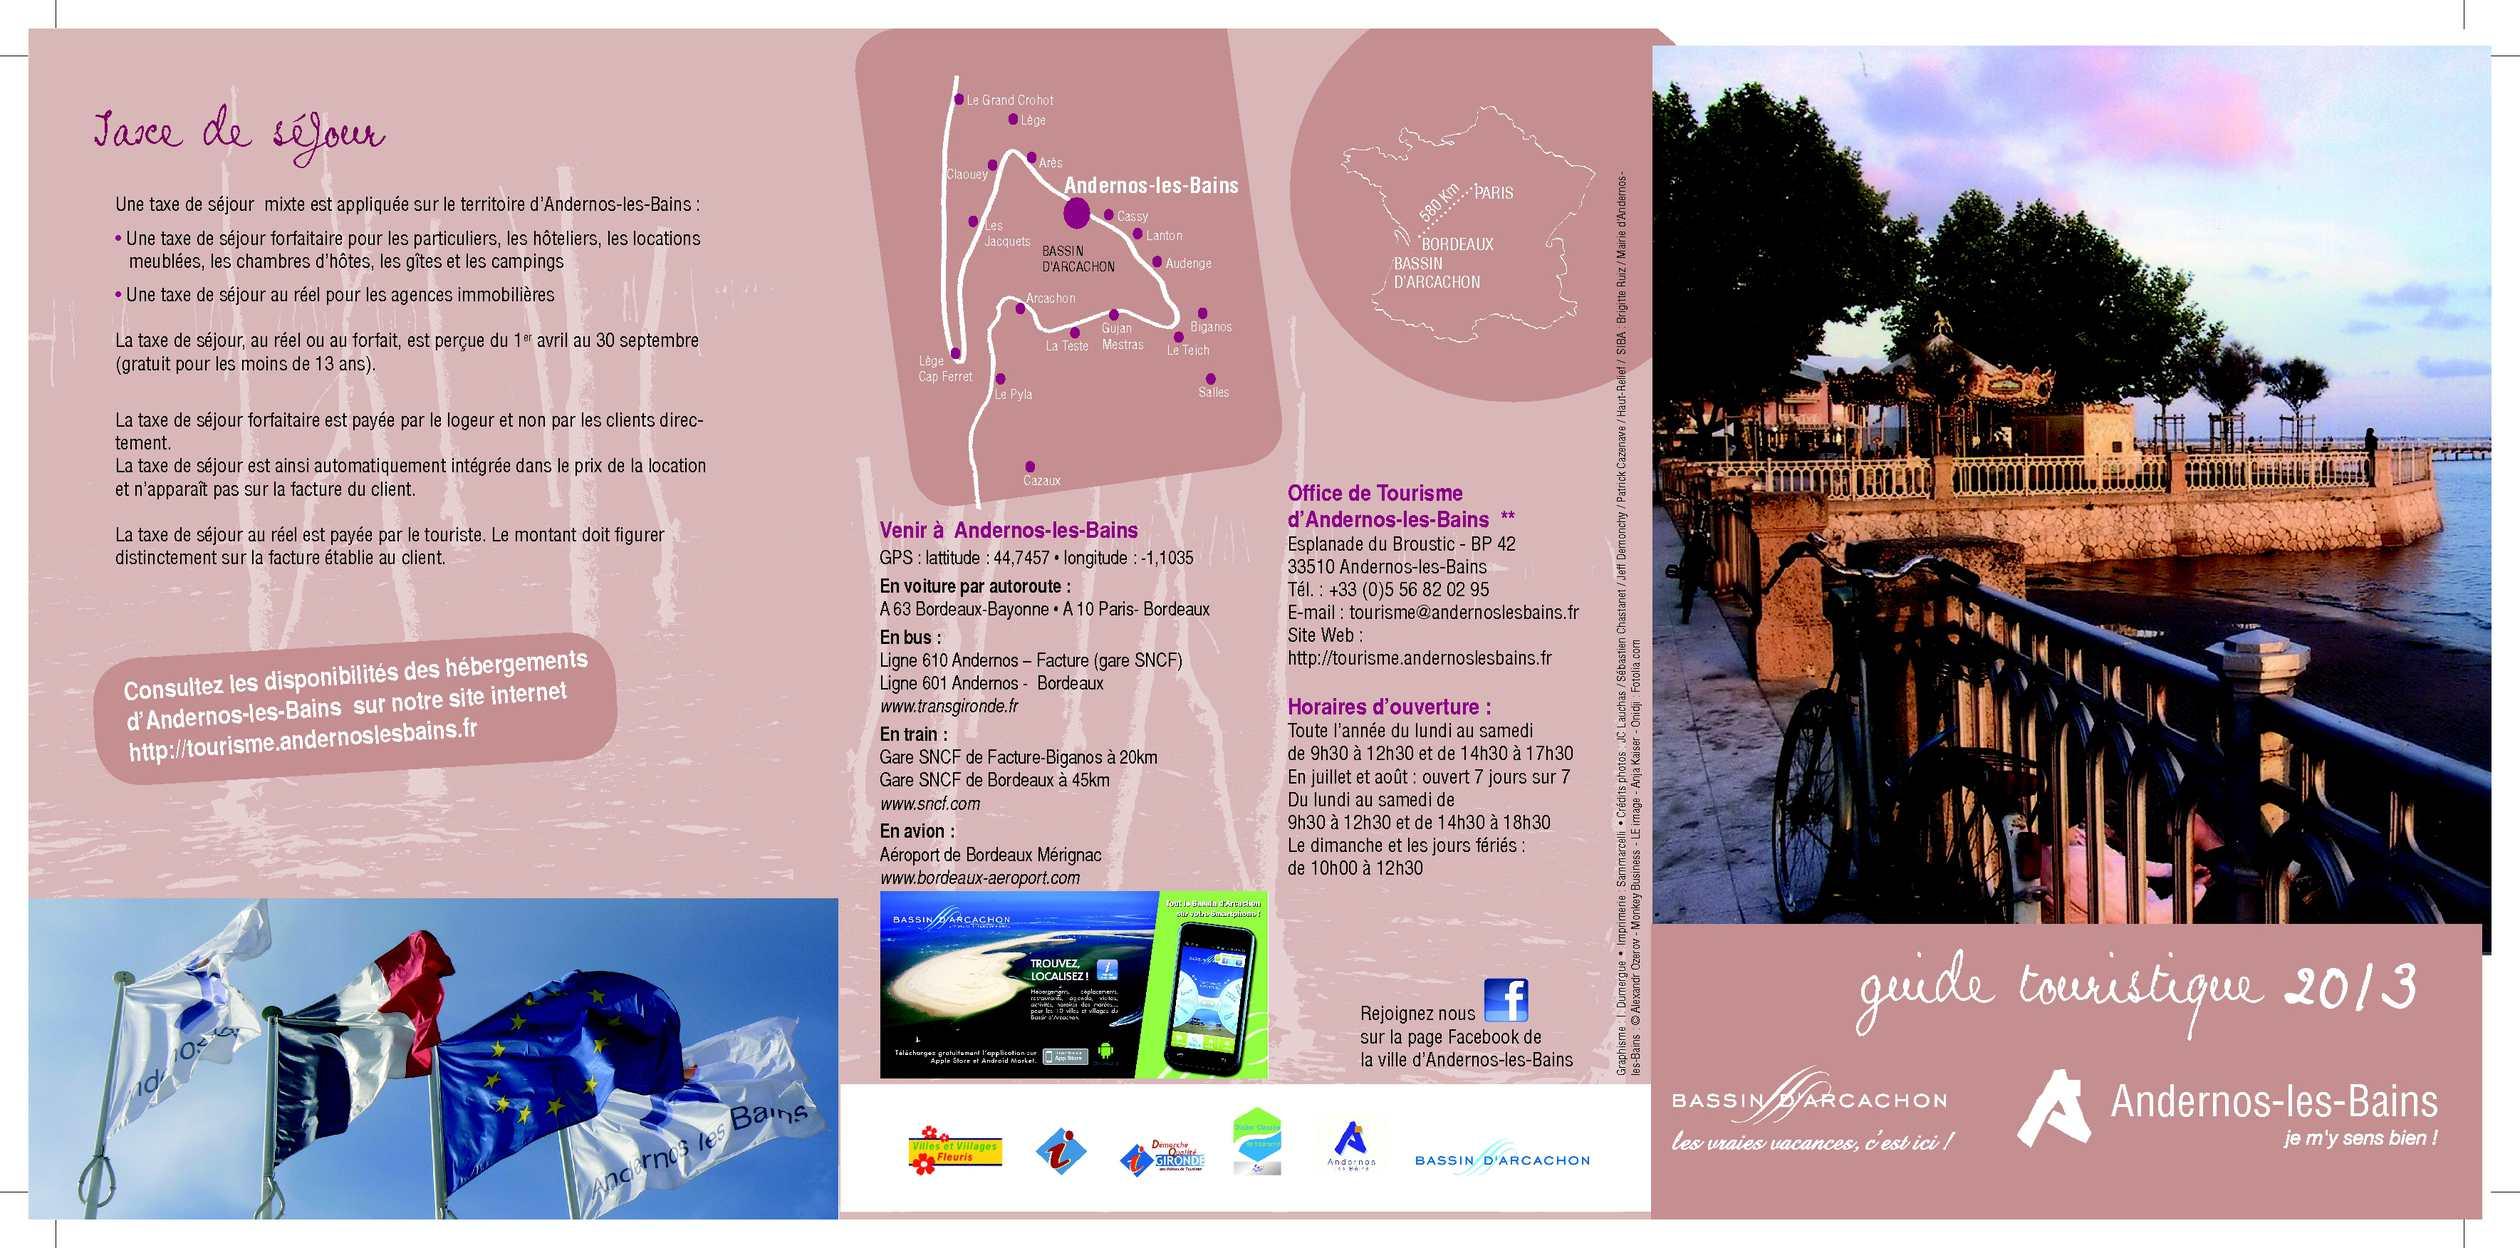 Calam o guide touristique 2013 - Office de tourisme biganos ...